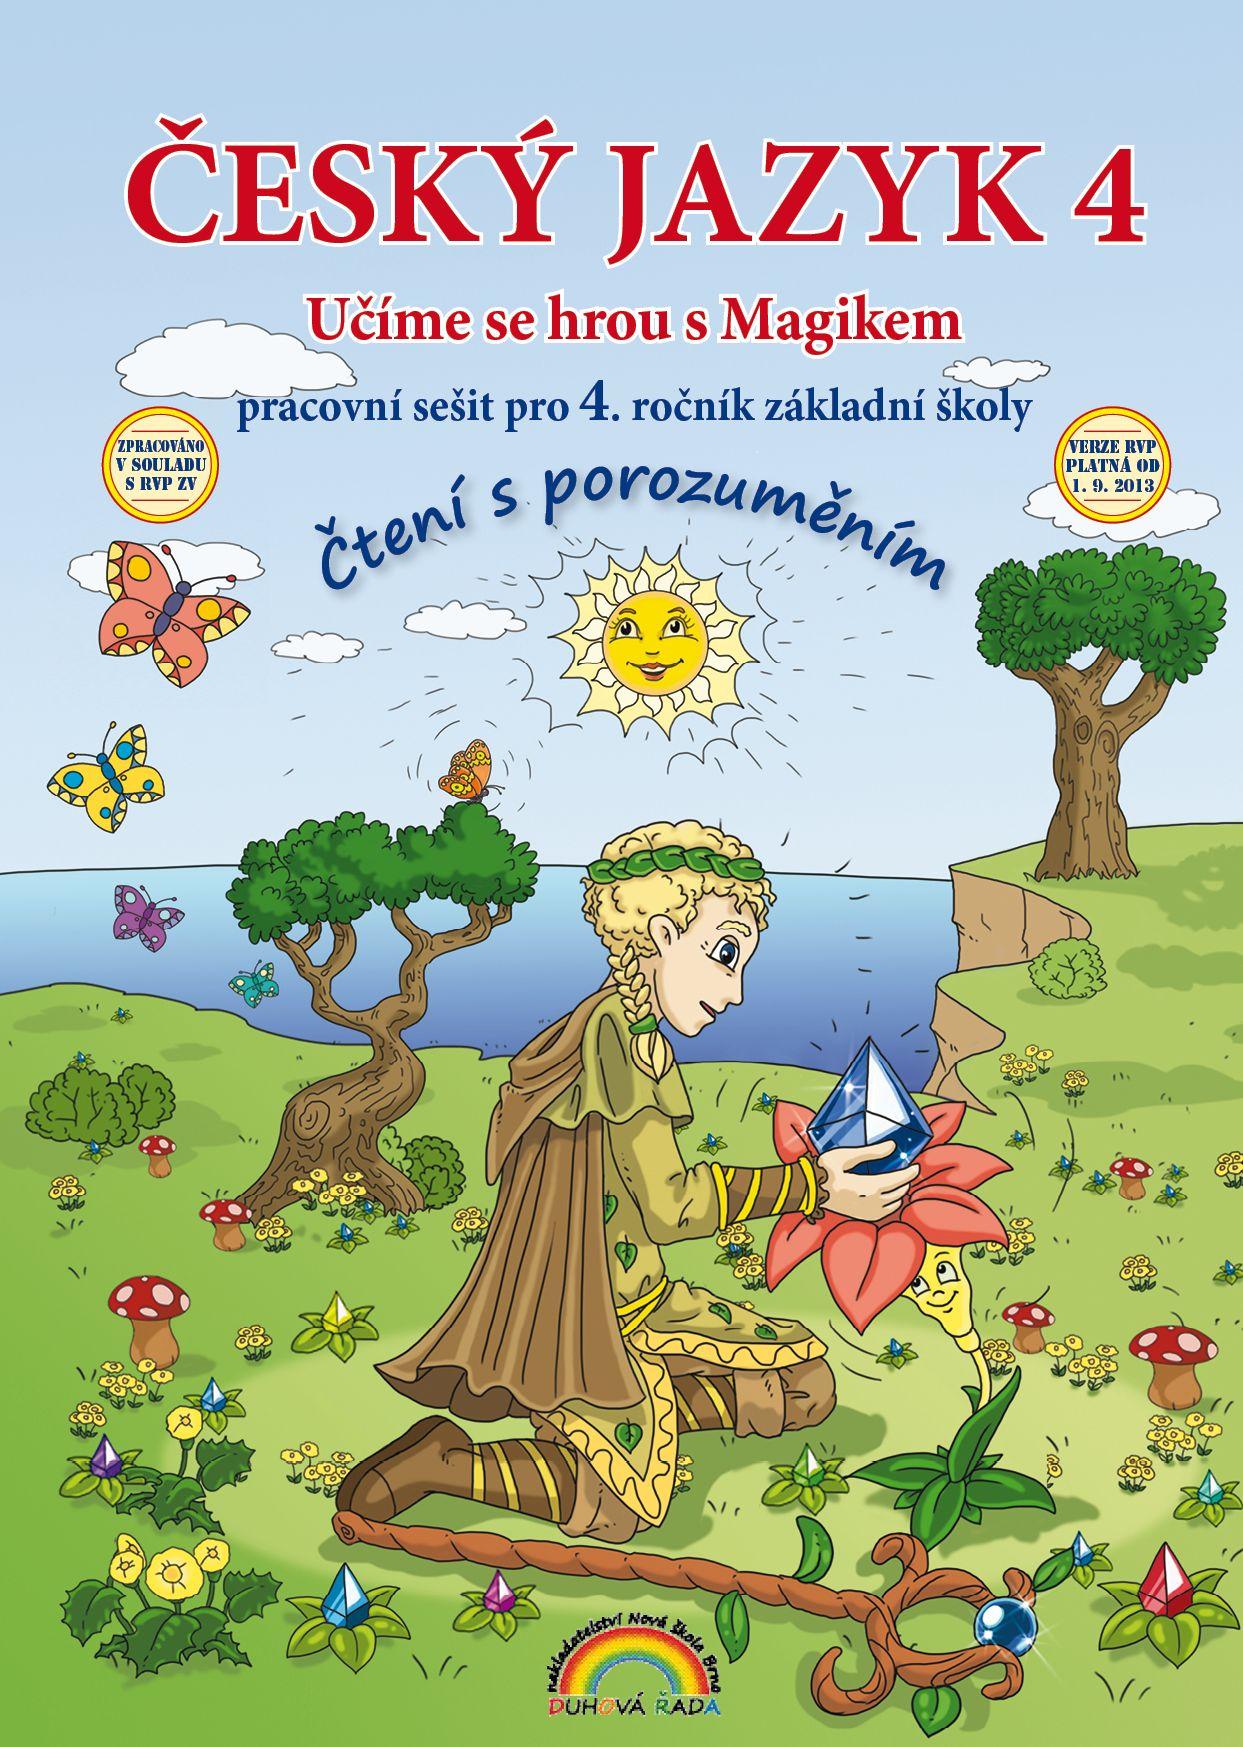 44-60 Český jazyk 4 – pracovní sešit, Čtení s porozuměním